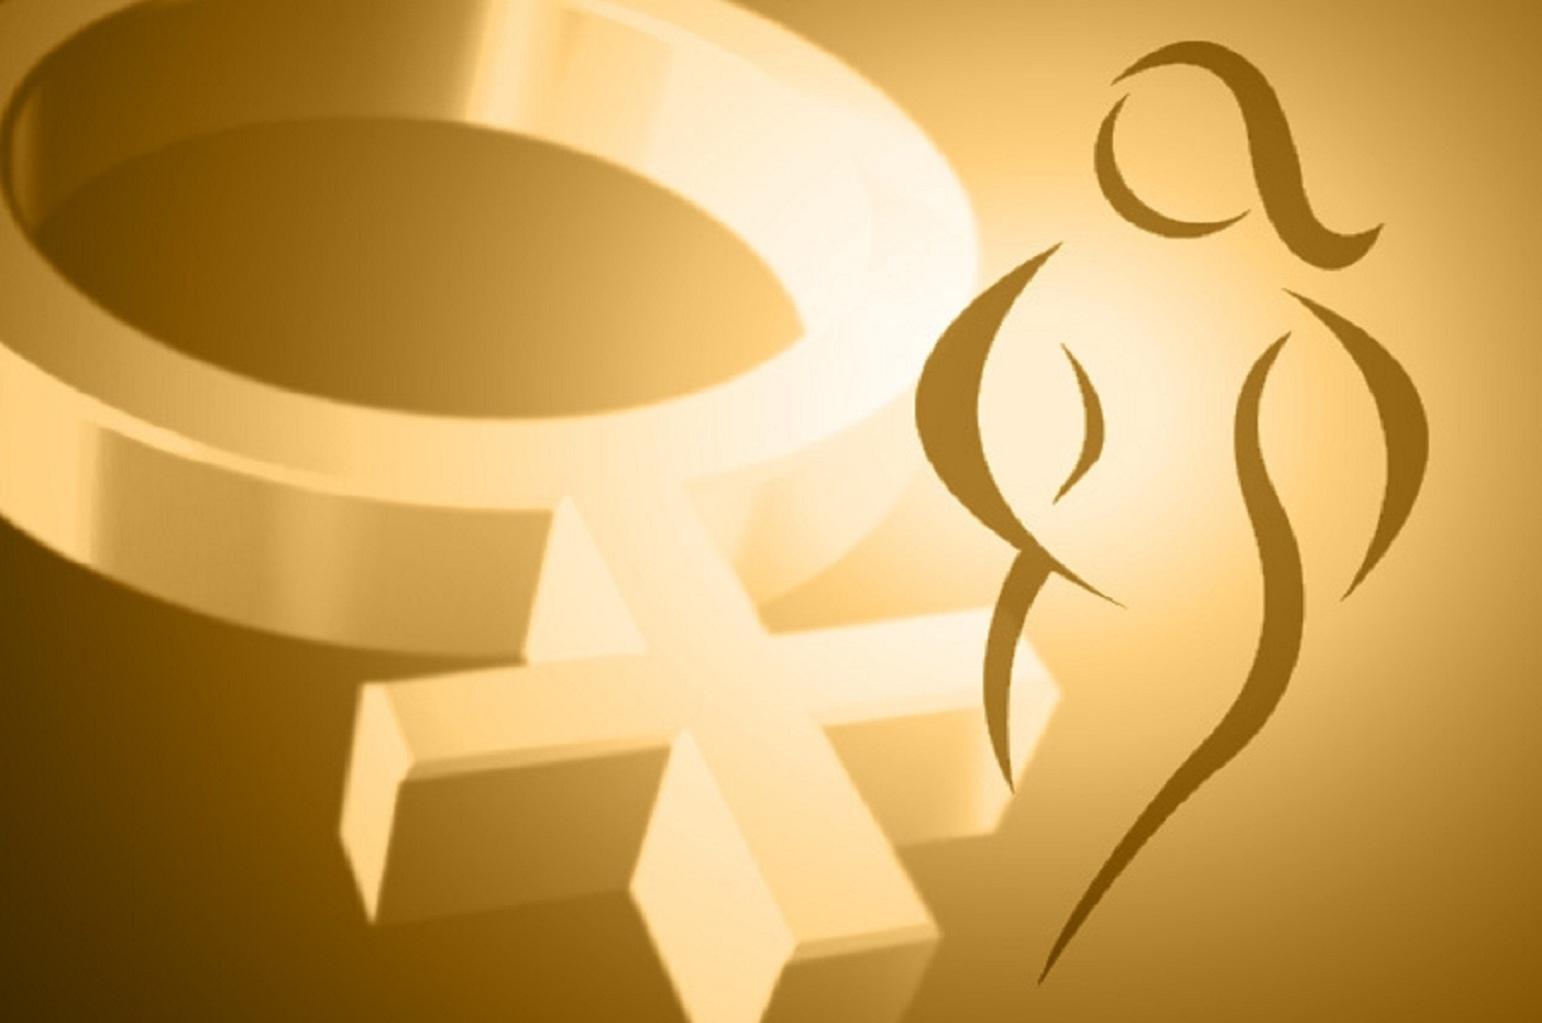 ABORTION BILL_1553032938450.JPG.jpg